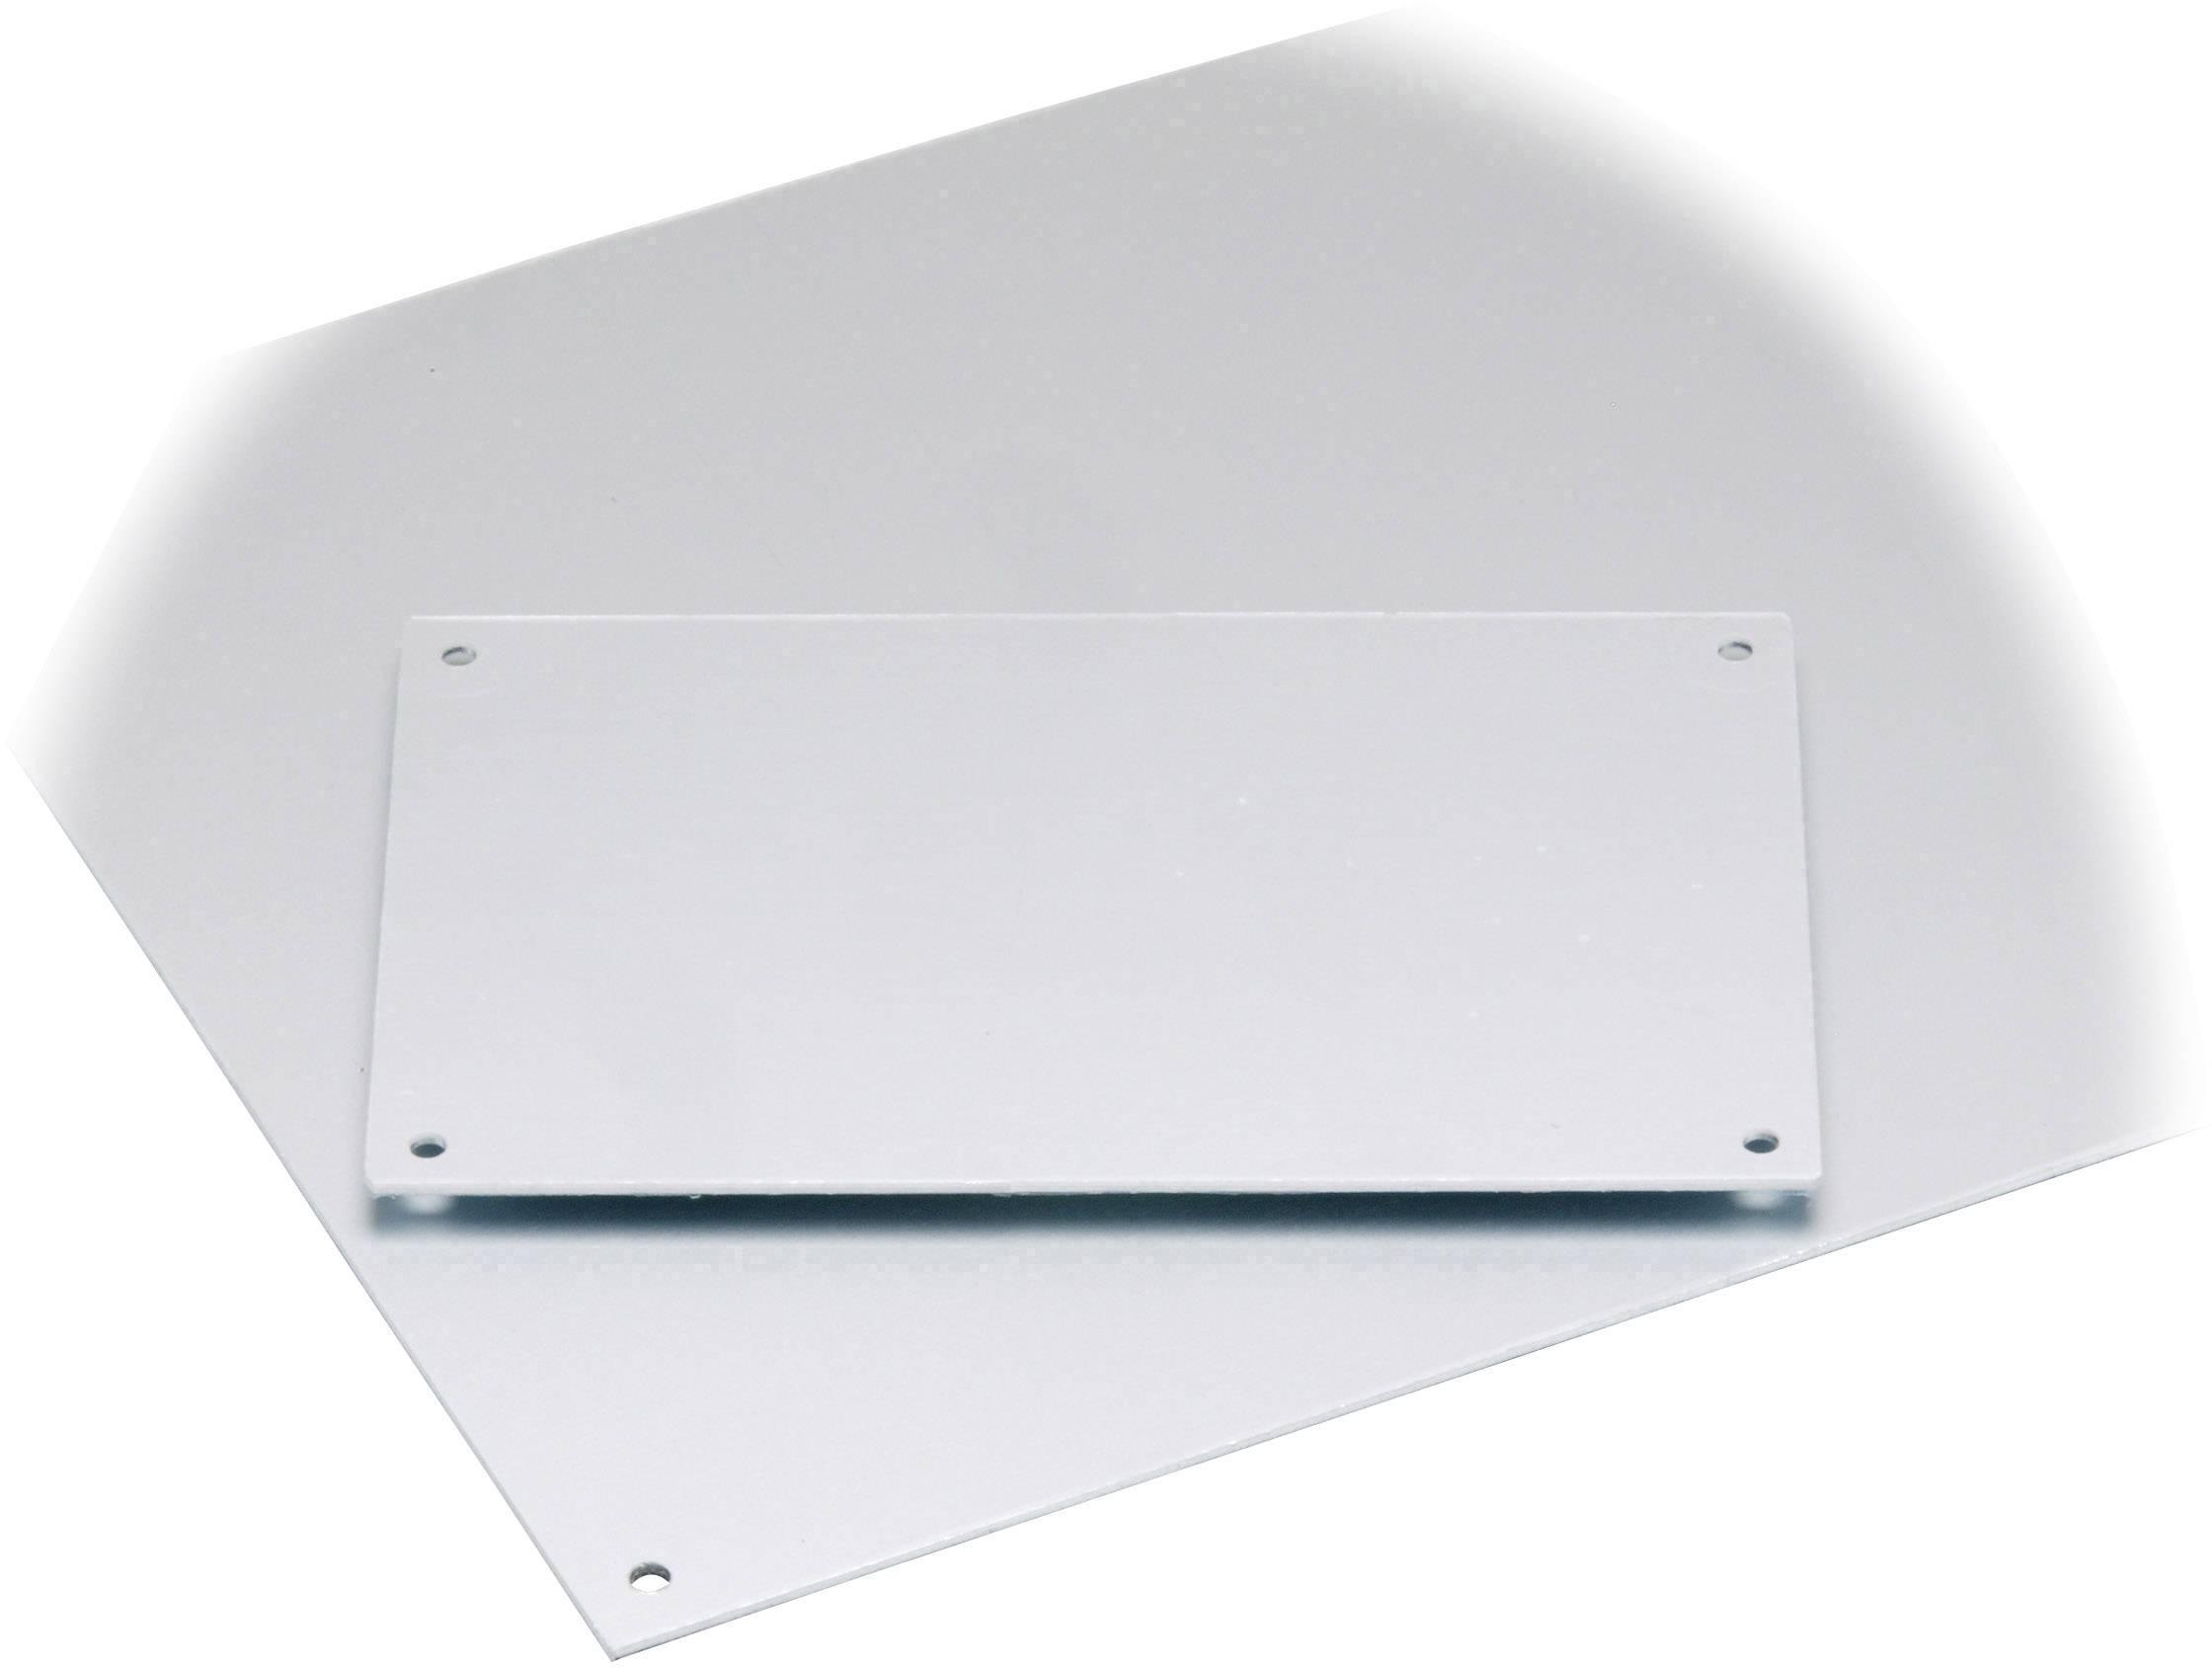 Příslušenství skříně regulátoru CARDMATER II Fibox FP 17/16 (FP 17/16)